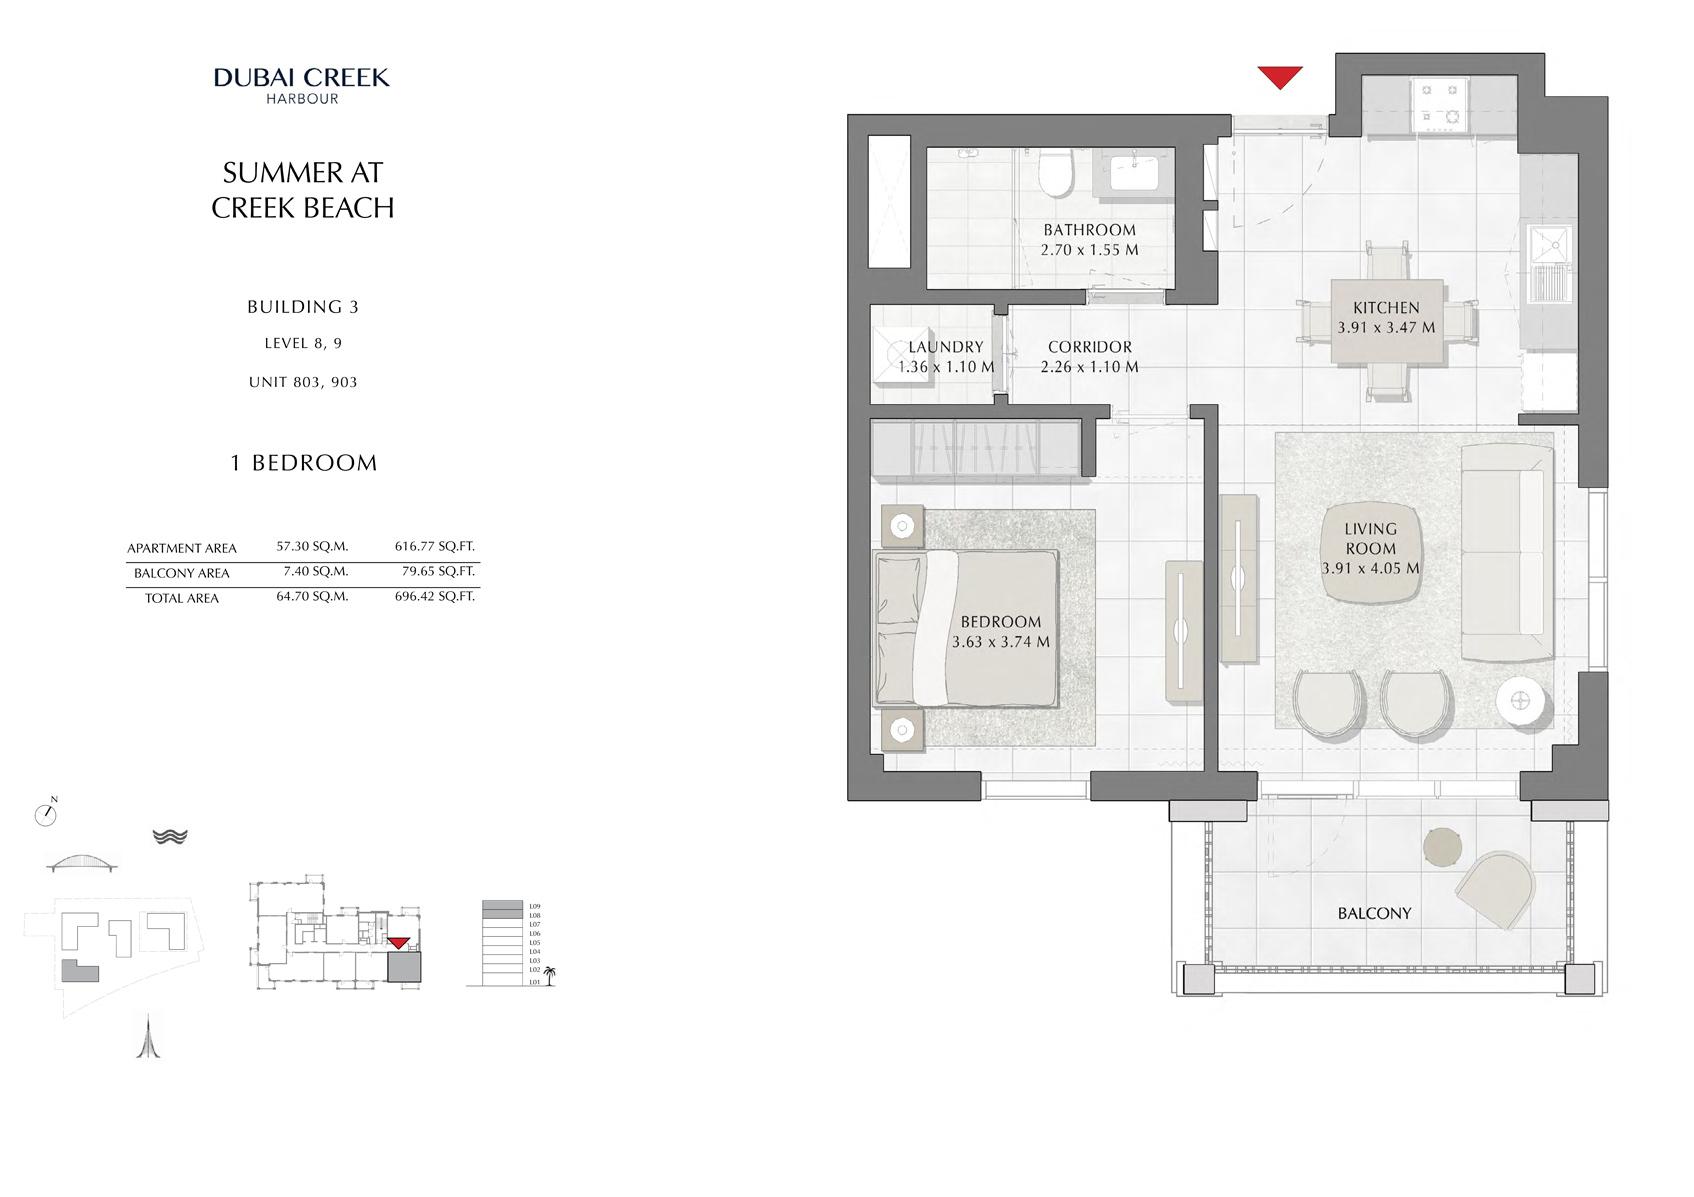 1 Br Building 3 Level-8-9 Unit 803-903, Size 696 Sq Ft